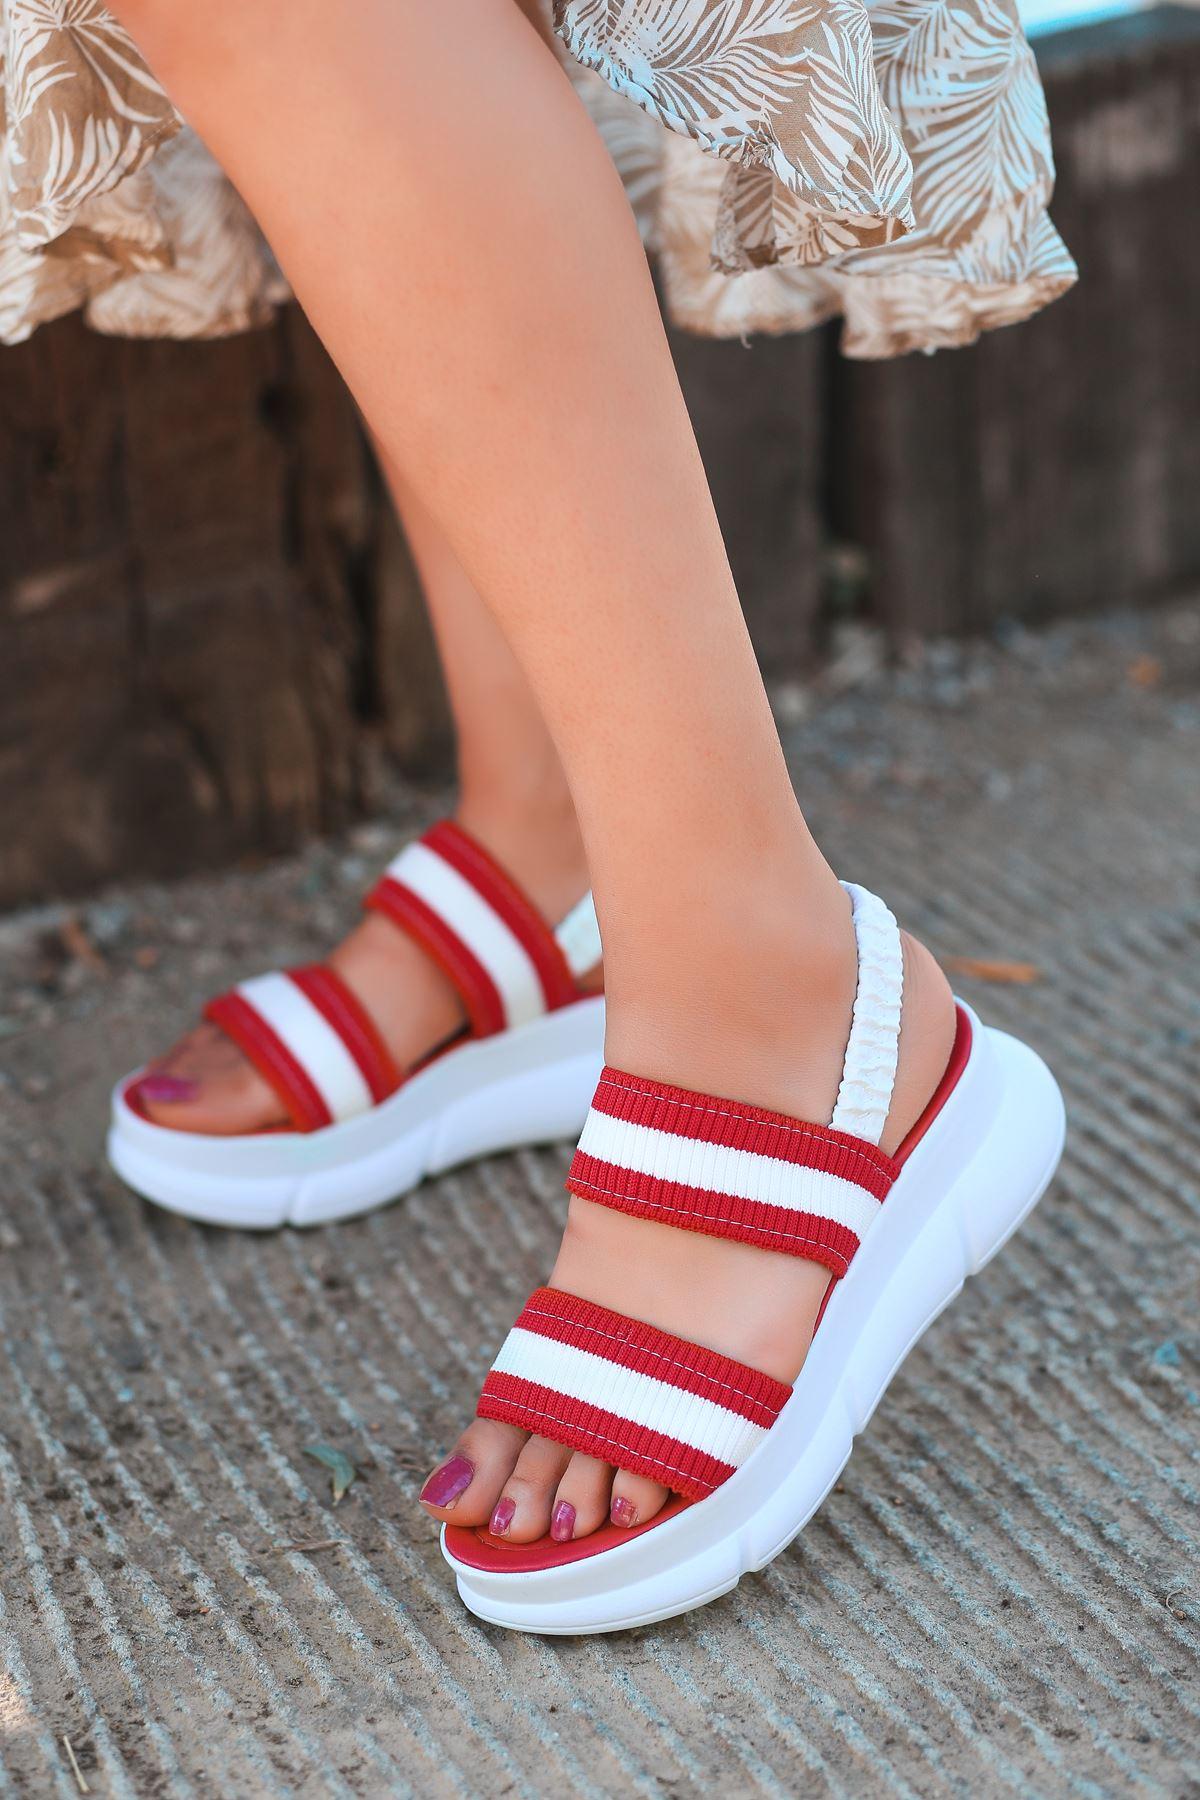 Shine Triko Sandalet Kırmızı